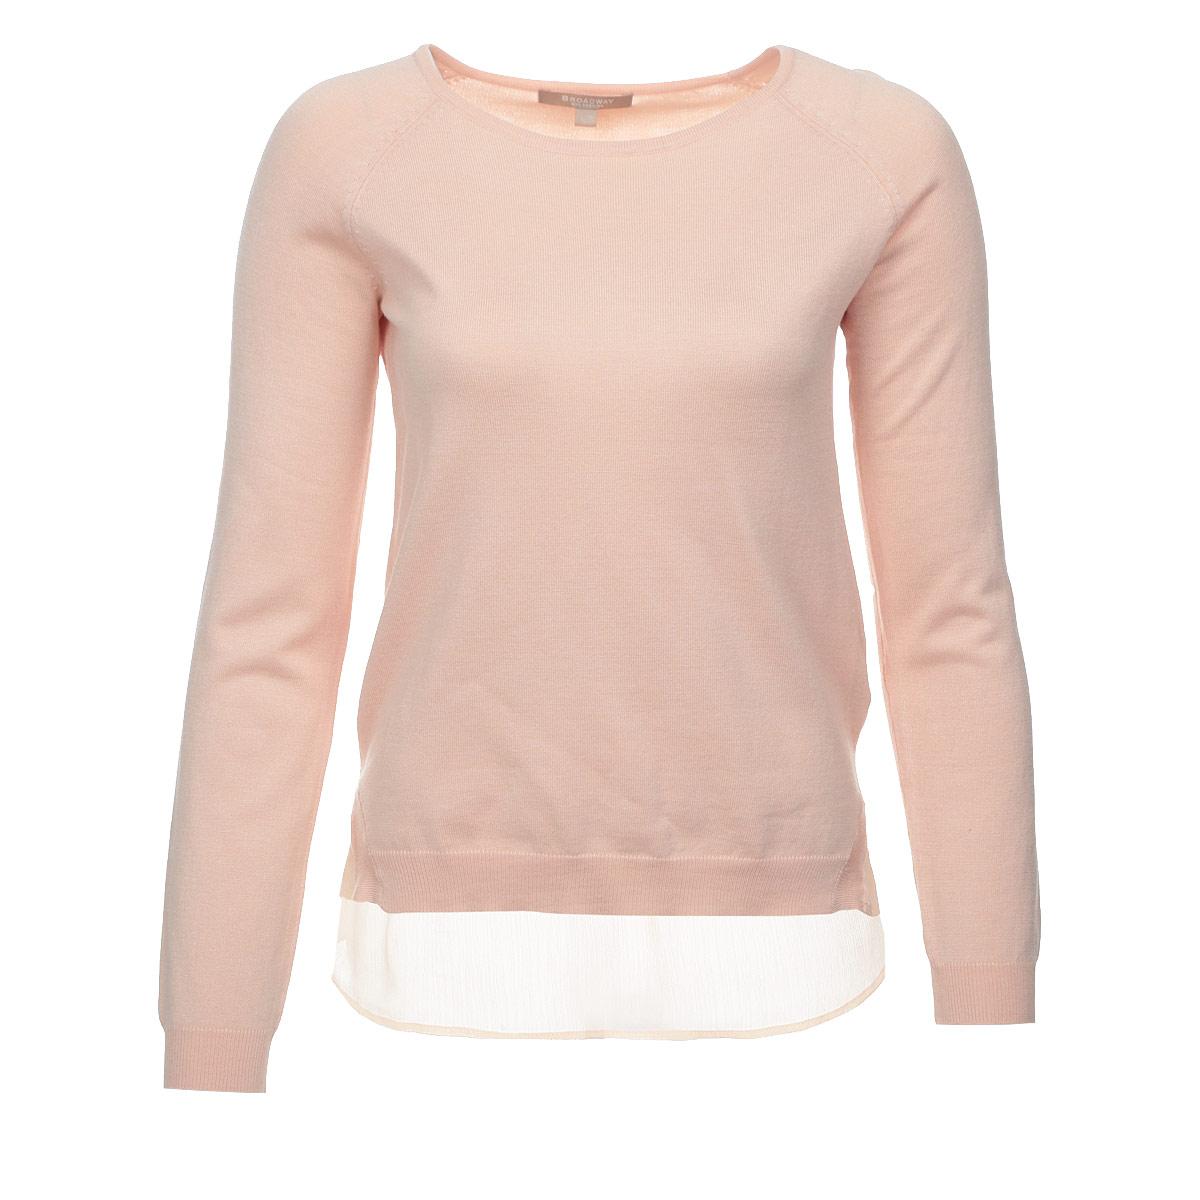 Пуловер женский. 1015245010152450 30BСтильный женский пуловер Broadway, изготовленный из мягкой вискозы с добавлением нейлона, не сковывает движения, обеспечивая наибольший комфорт. Модель с круглым вырезом горловины и длинными рукавами-реглан. Спинка по низу дополнена широкой оборкой, выполненной из полупрозрачного материала контрастного цвета. Этот модный пуловер послужит отличным дополнением к вашему гардеробу, он станет главной составляющей вашего стиля. В нем вы всегда будете чувствовать себя уютно и комфортно.